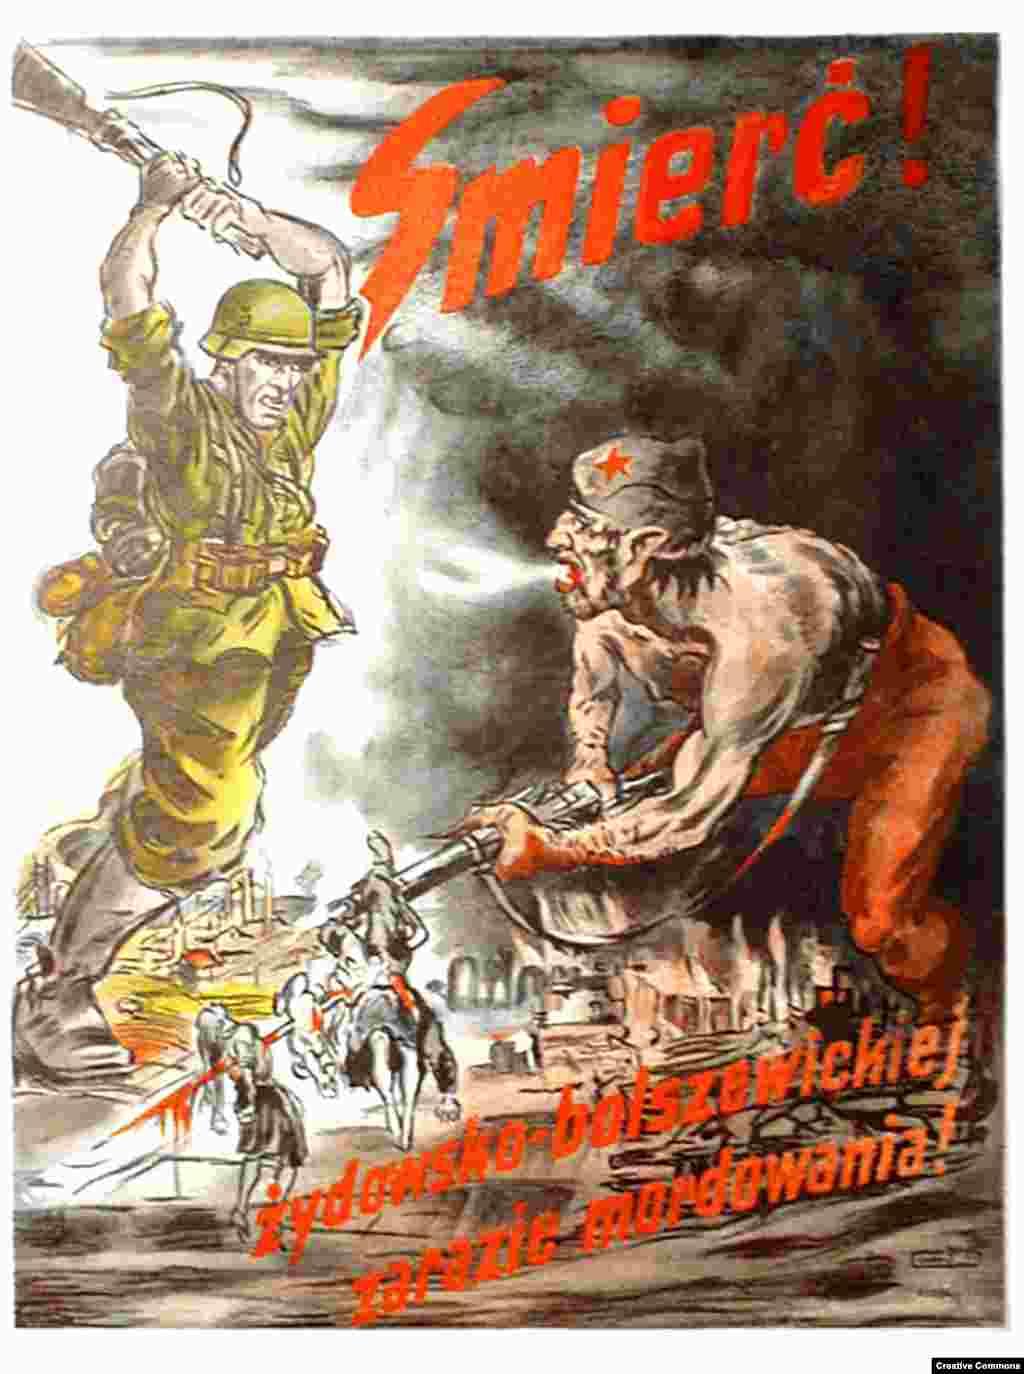 """Нацистский пропагандистский плакат со словами """"смерть еврейско-большевистской эпидемии убийств"""". Украинцы погибали не только от рук сталинского НКВД, но и от искусственно порожденного голода - Голодомора. Нацистская пропаганда умело подогревала и так присутствующие в украинских националистических движениях антисемитские настроения."""